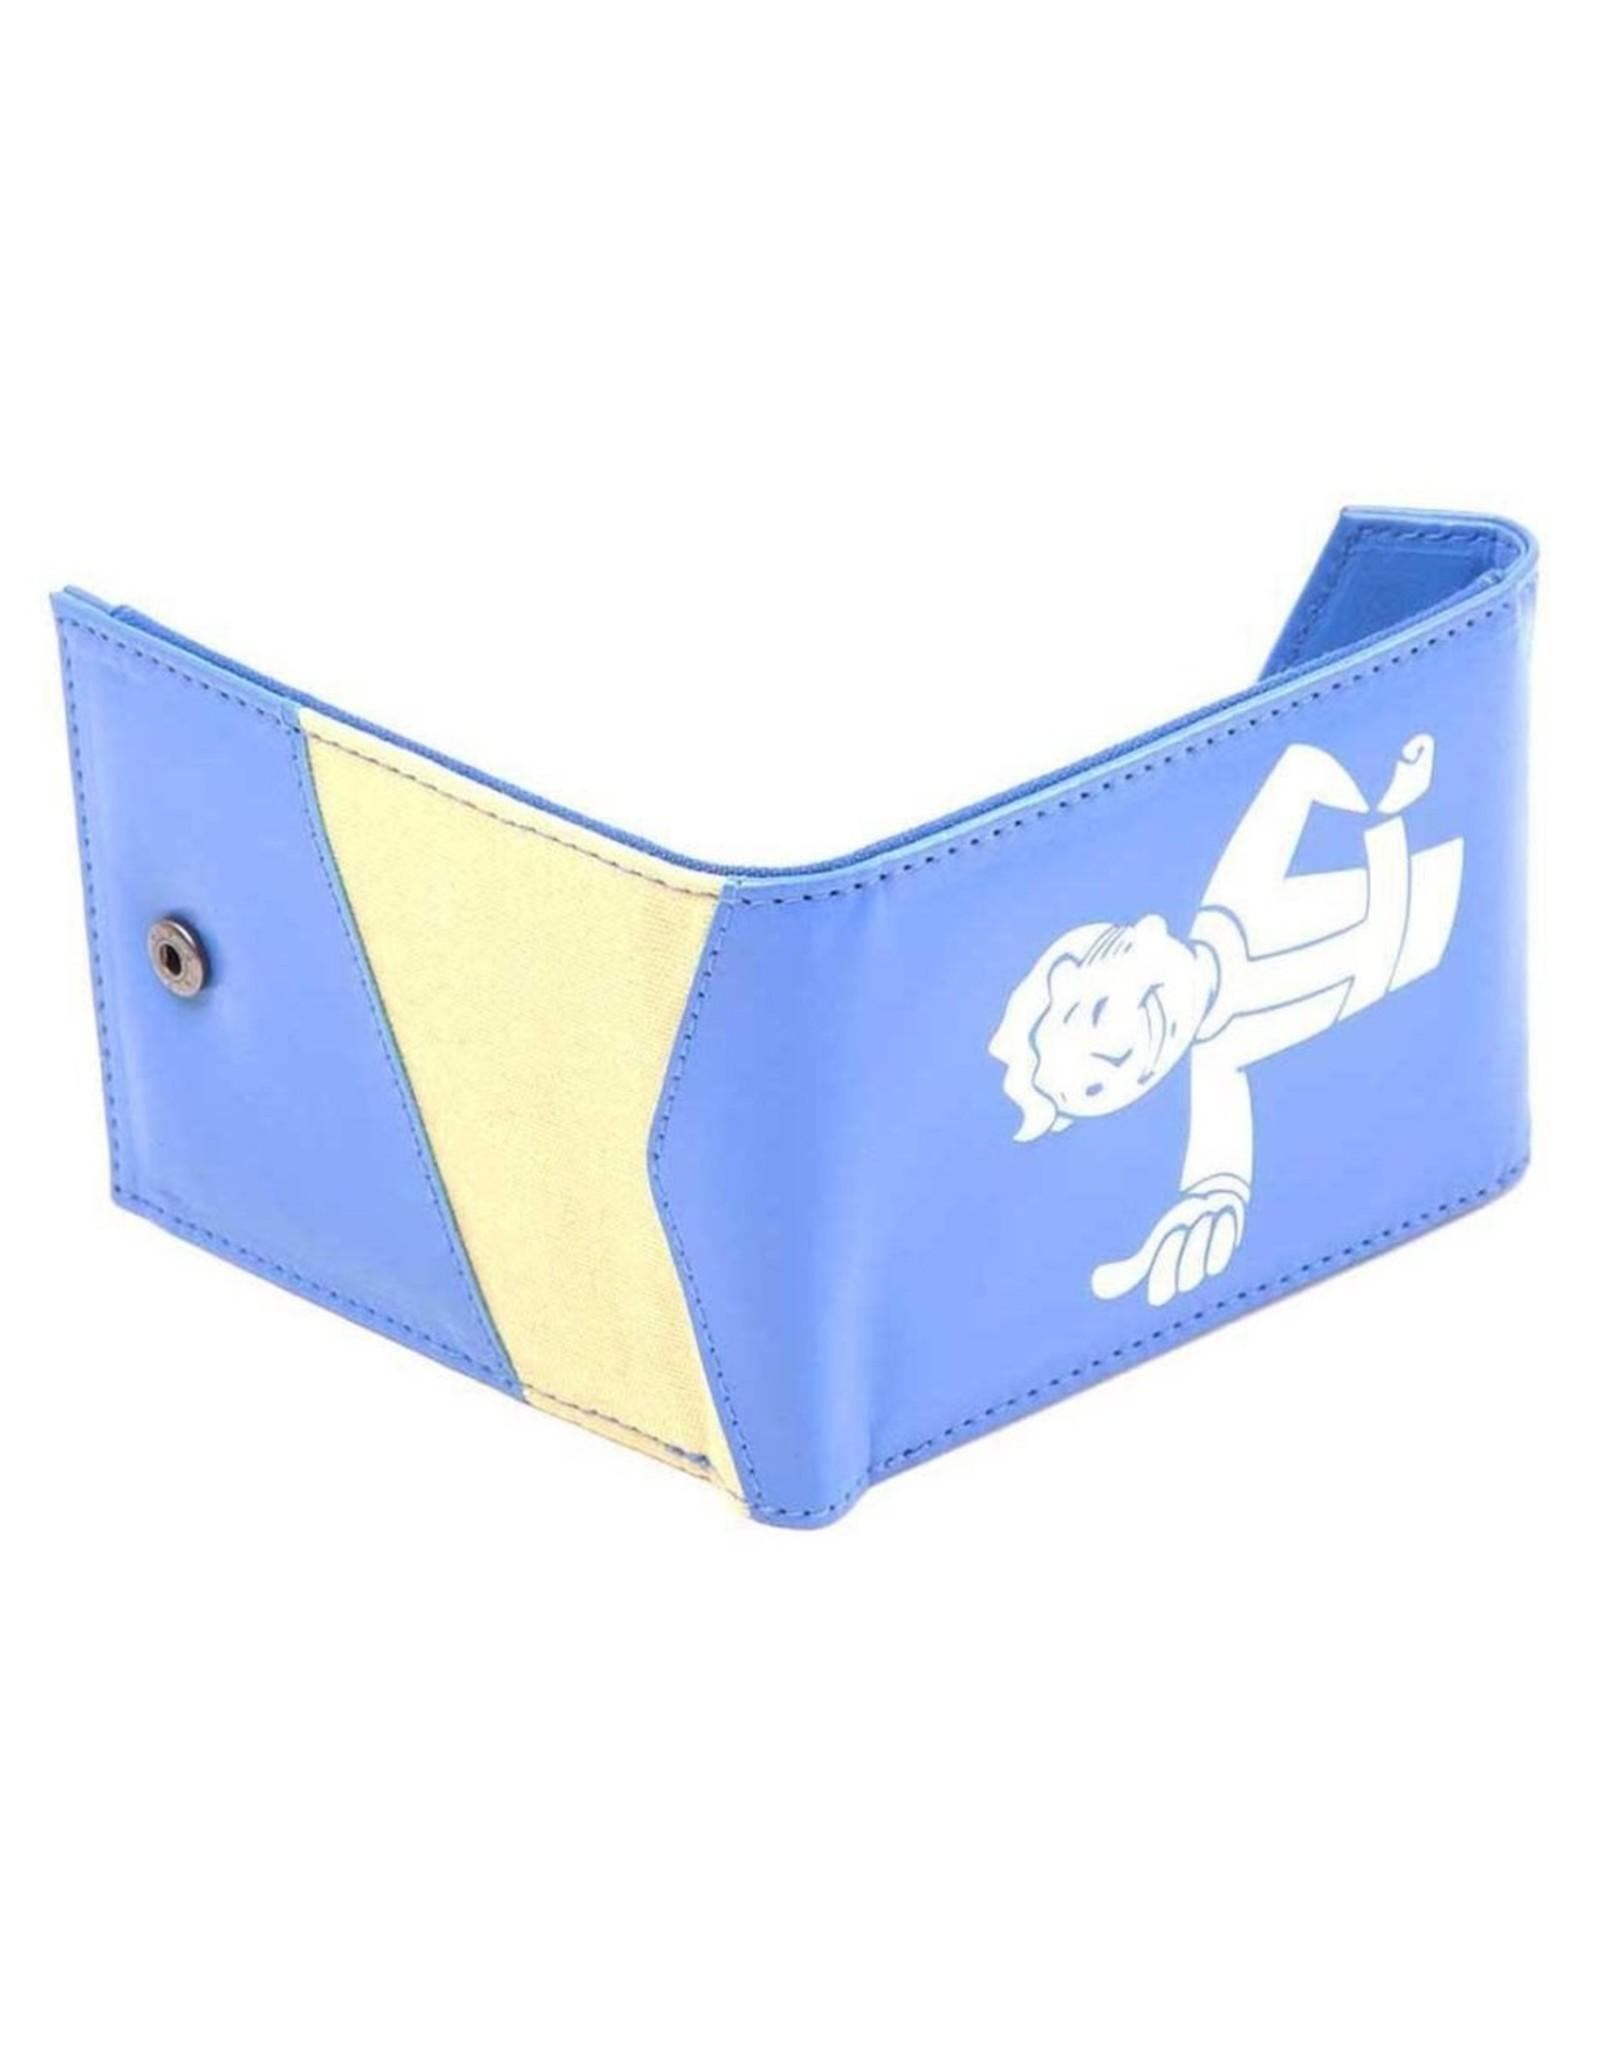 Difuzed Merchandise wallets - Vault Boy merchandise wallet